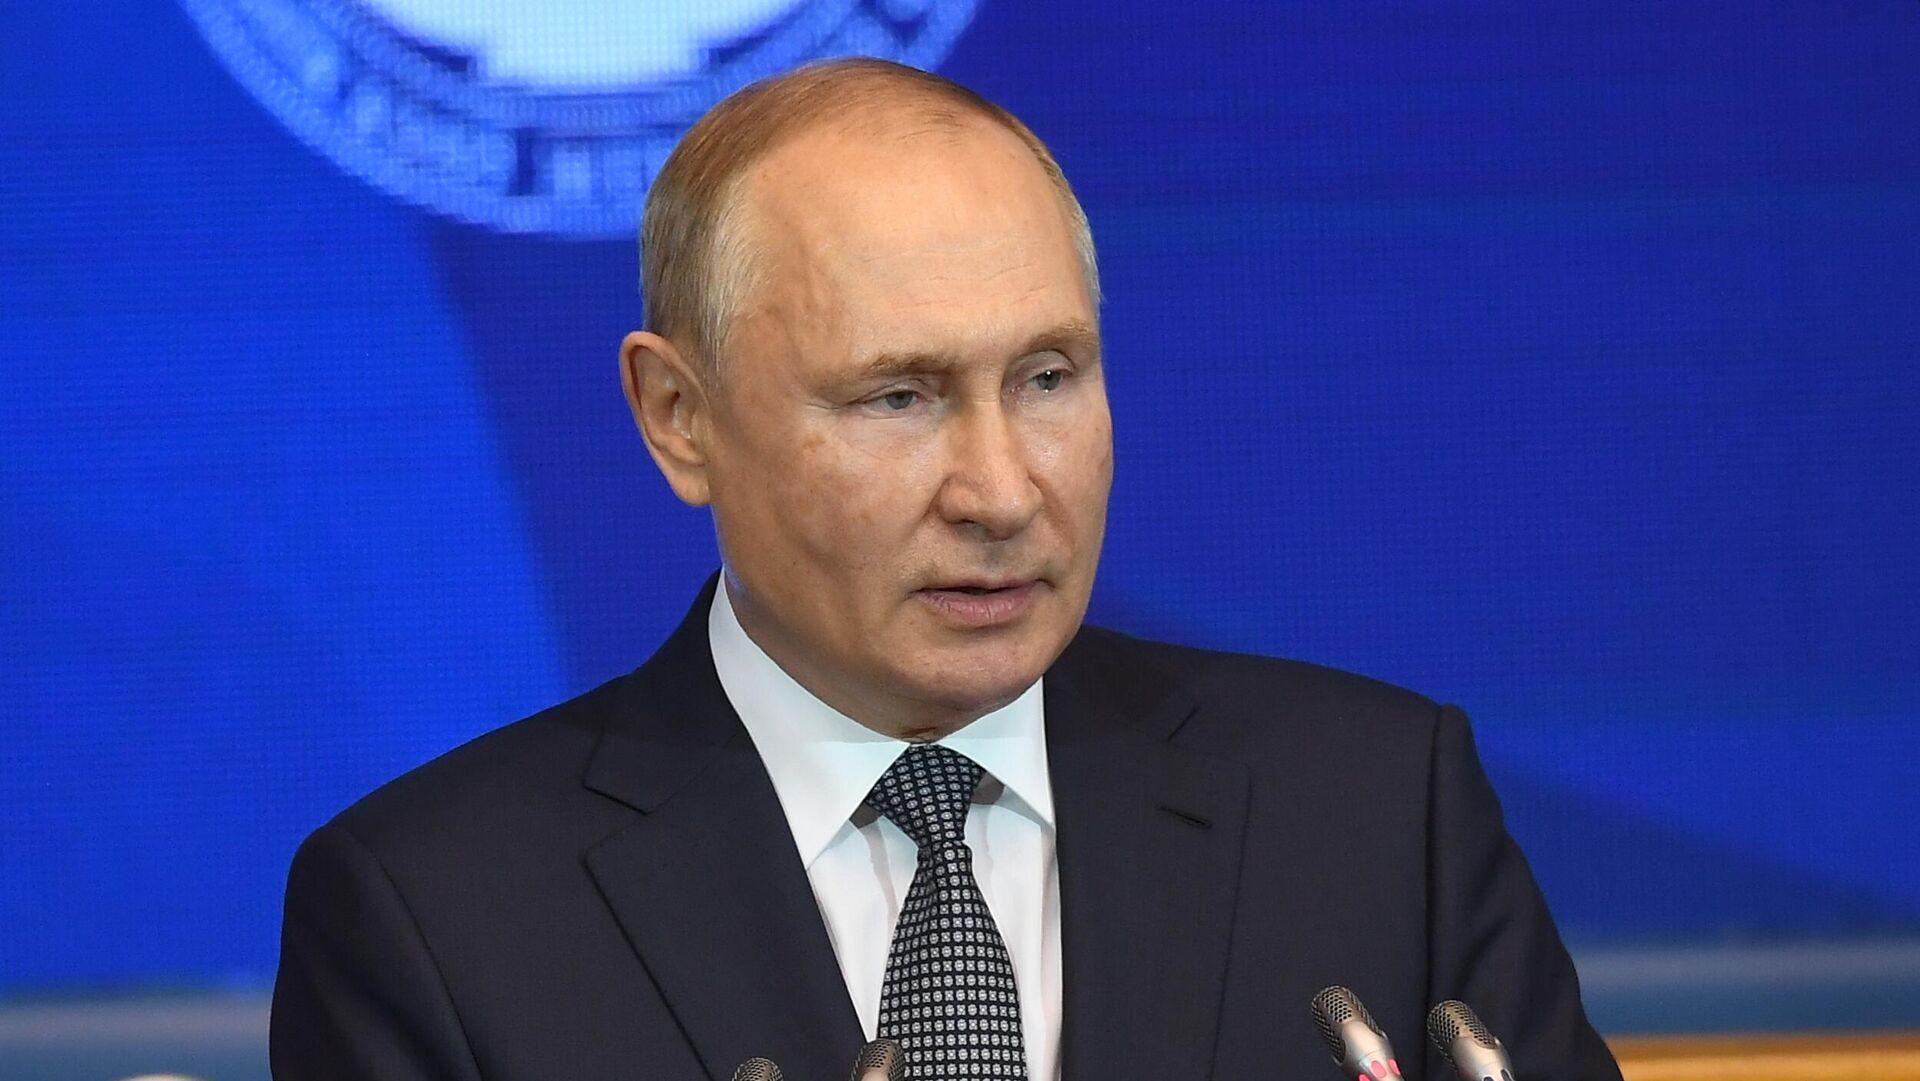 Putin gelecek seçimler, dolar ve kripto para birimleriyle ilgili CNBC'ye konuştu - Sputnik Türkiye, 1920, 14.10.2021